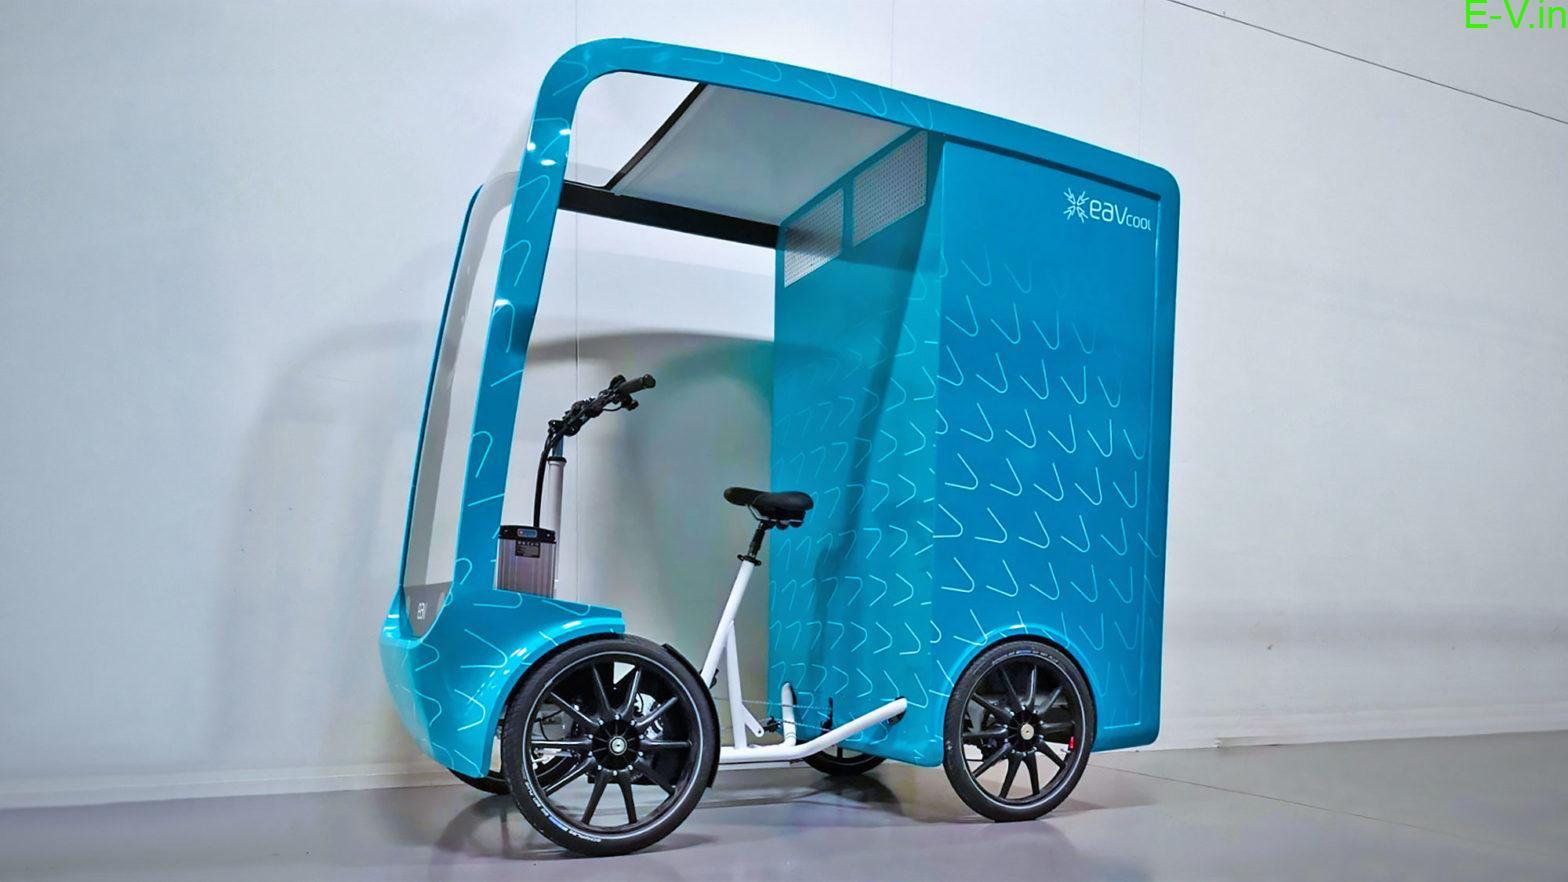 World's first eCargo bike